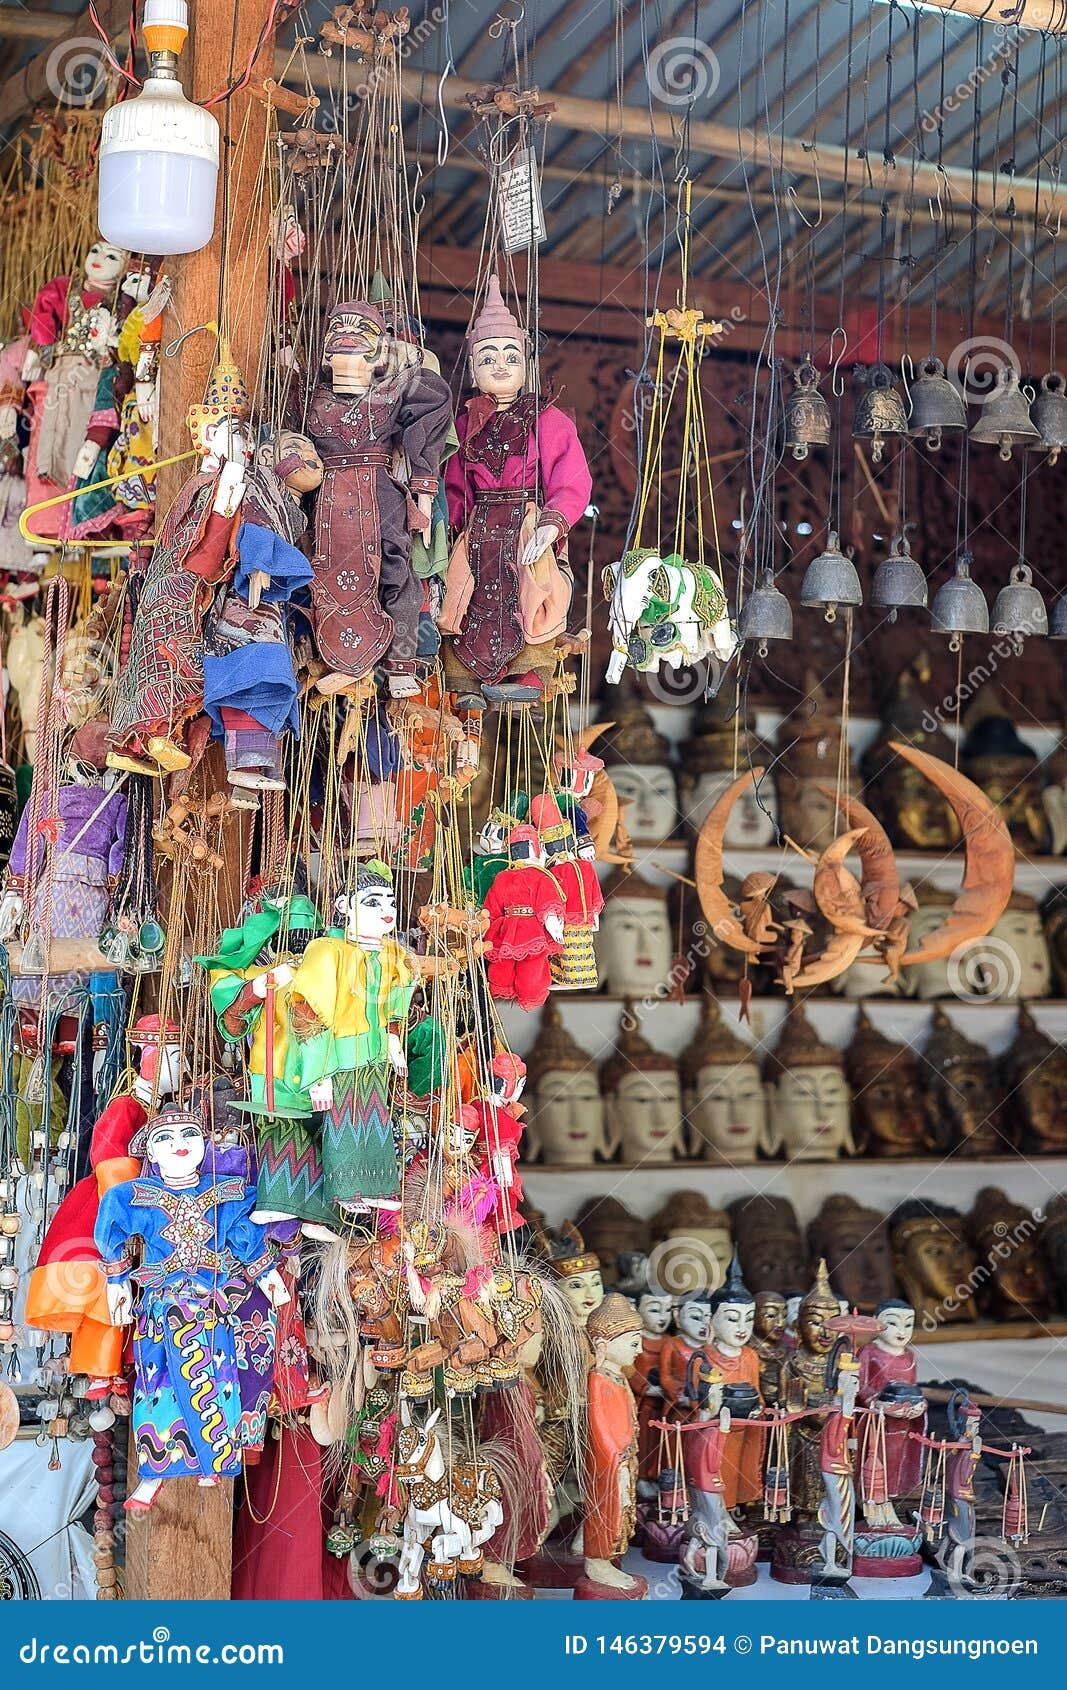 Souvenir de marionnette de ficelle, poupées colorées de tradition de Myanmar Birmanie dans la zone archéologique Bagan, Myanmar